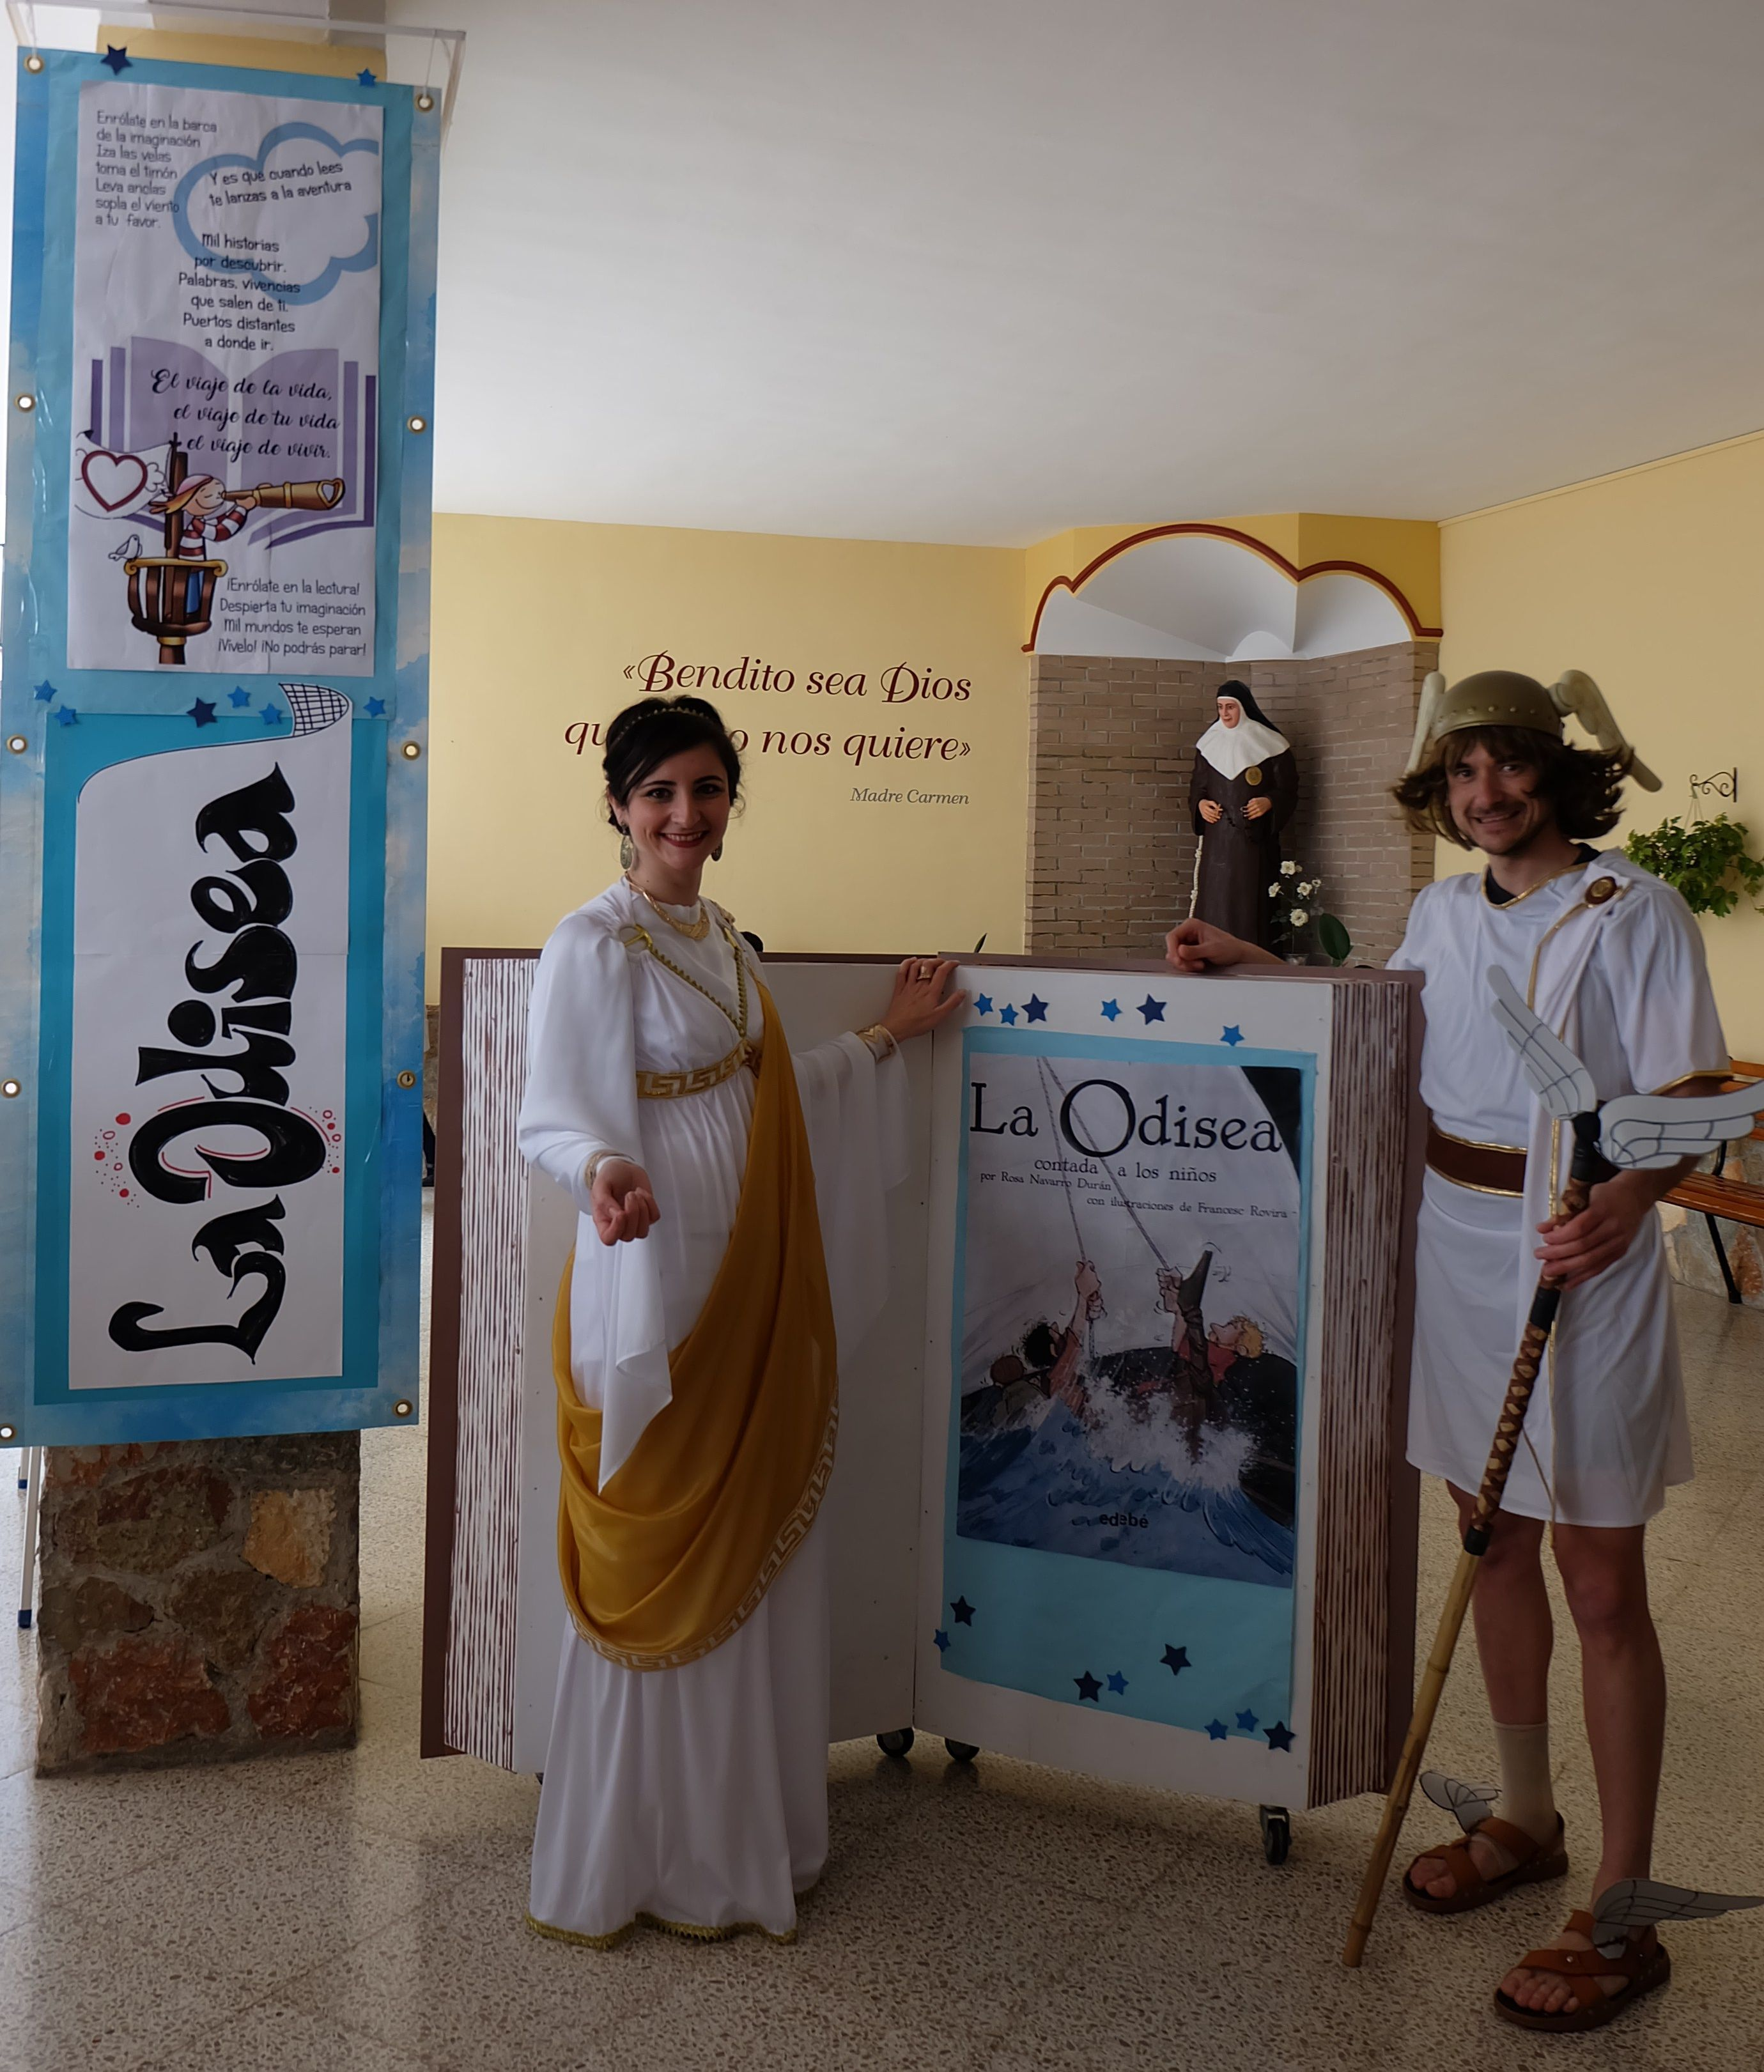 Anuncio de la fiesta de la Odisea